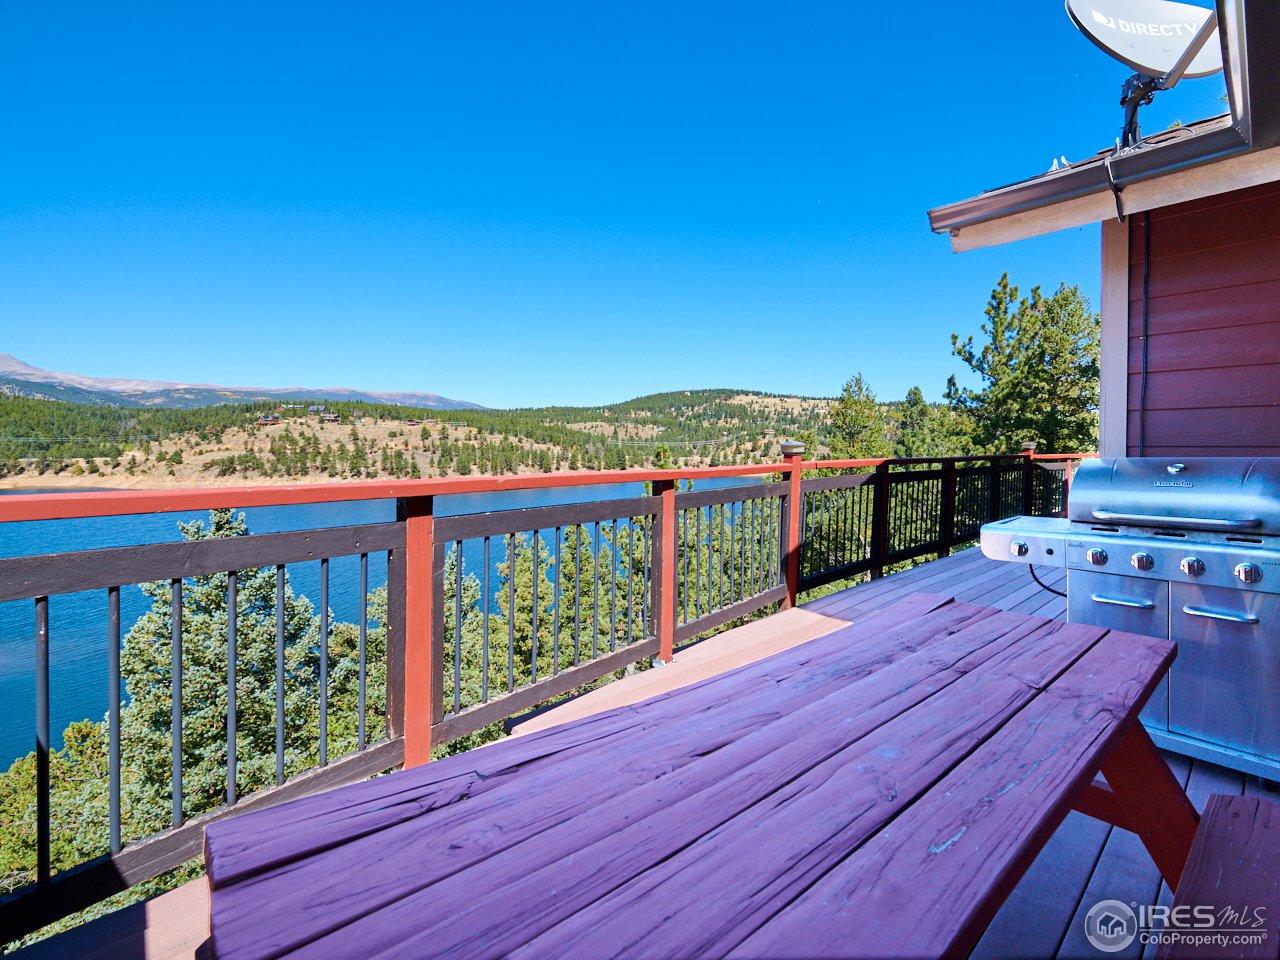 1 of 3 decks to enjoy Colorado sunsets